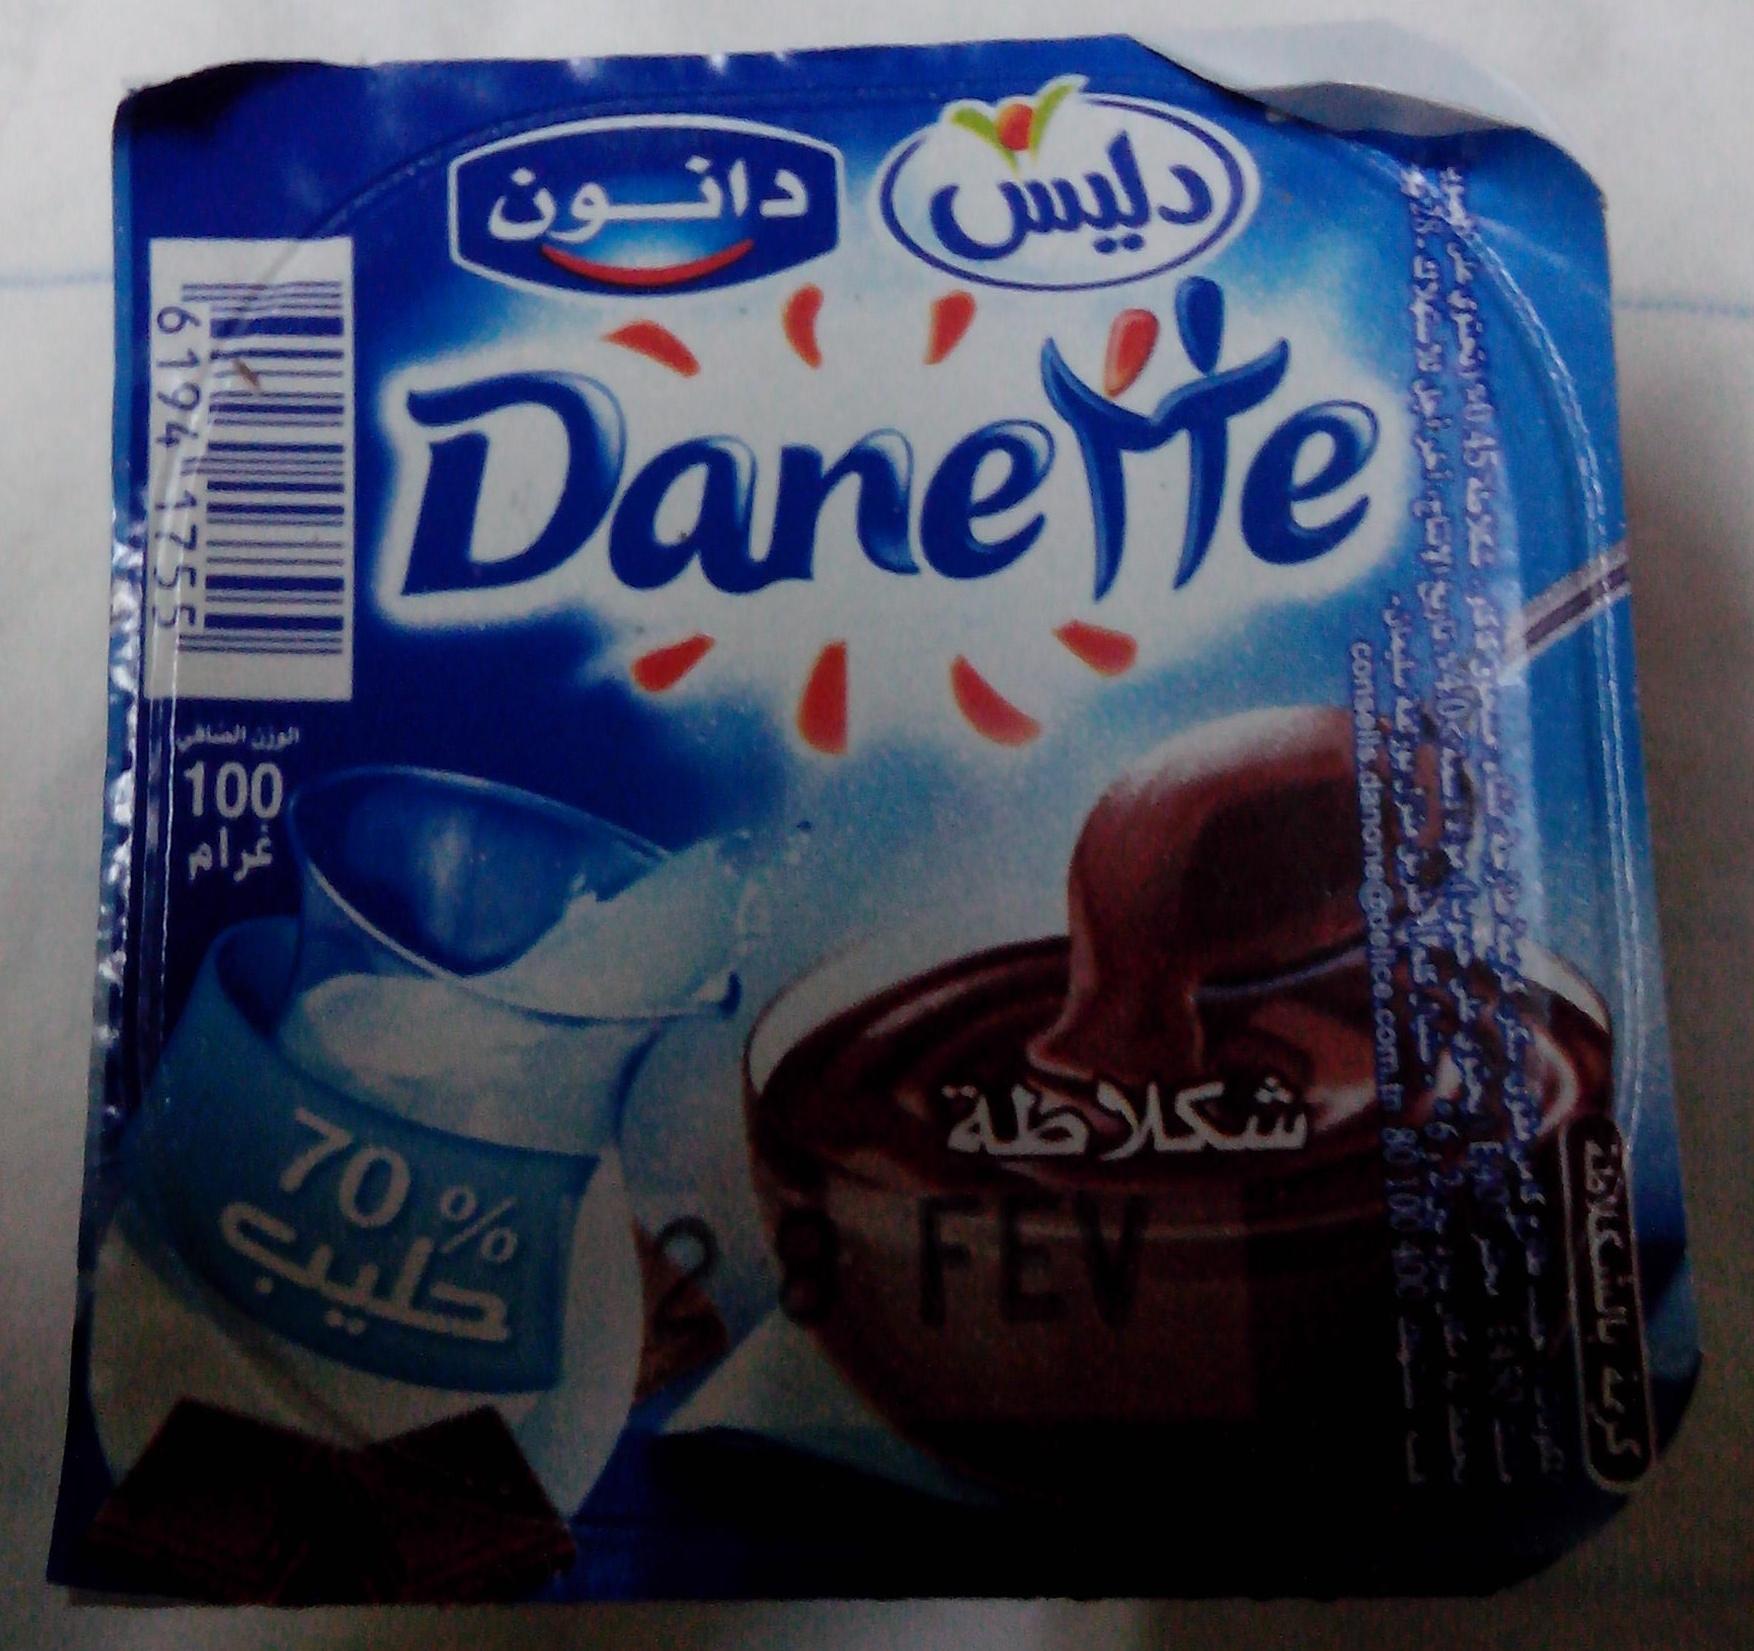 Danette Chocolat - Délice - 100 g - Product